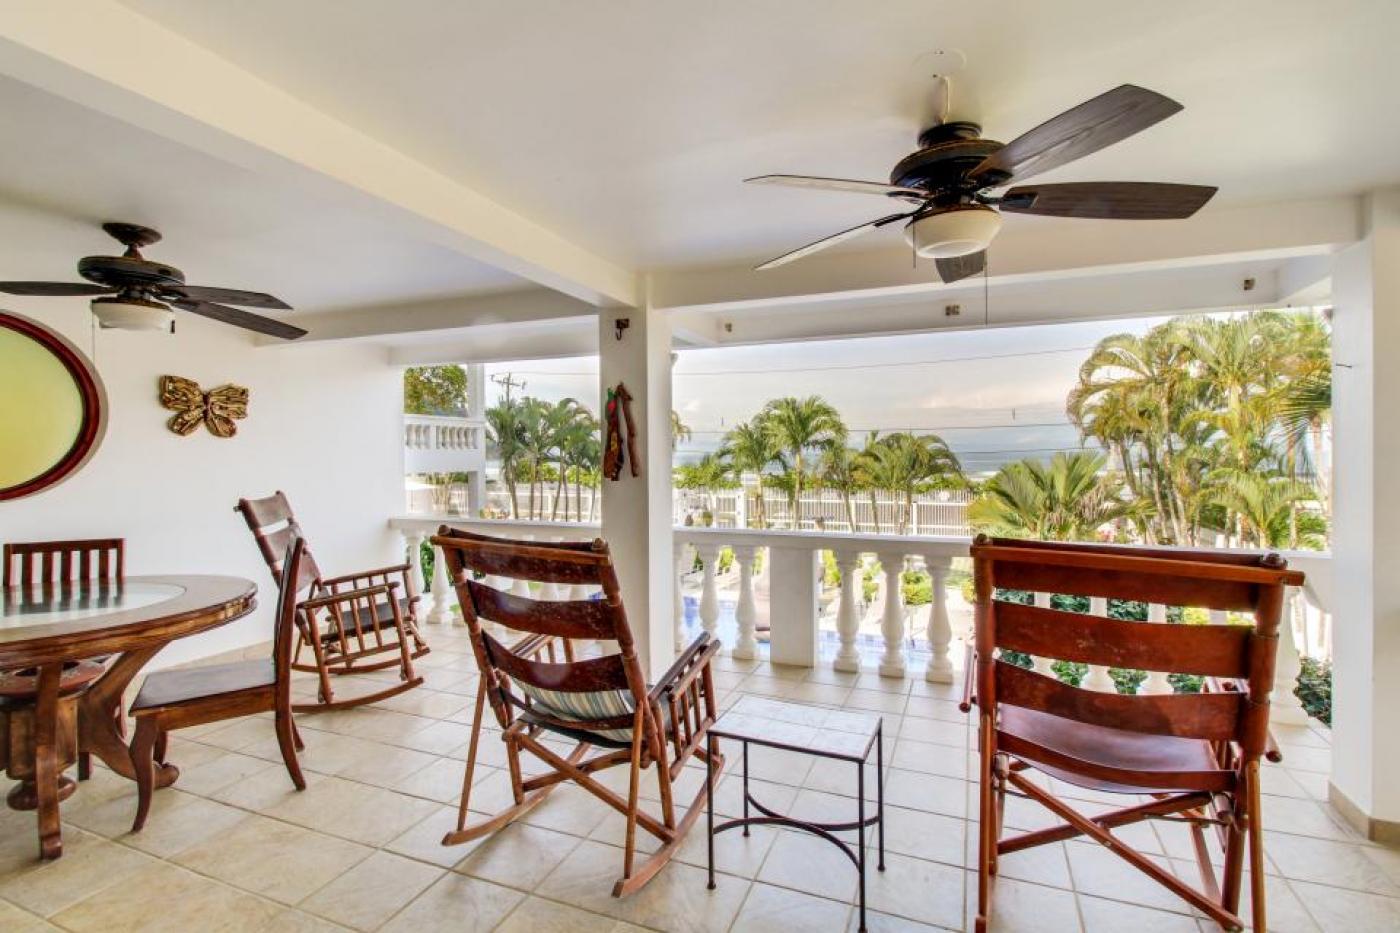 Luxury Beach Condo For Sale A1 (1)